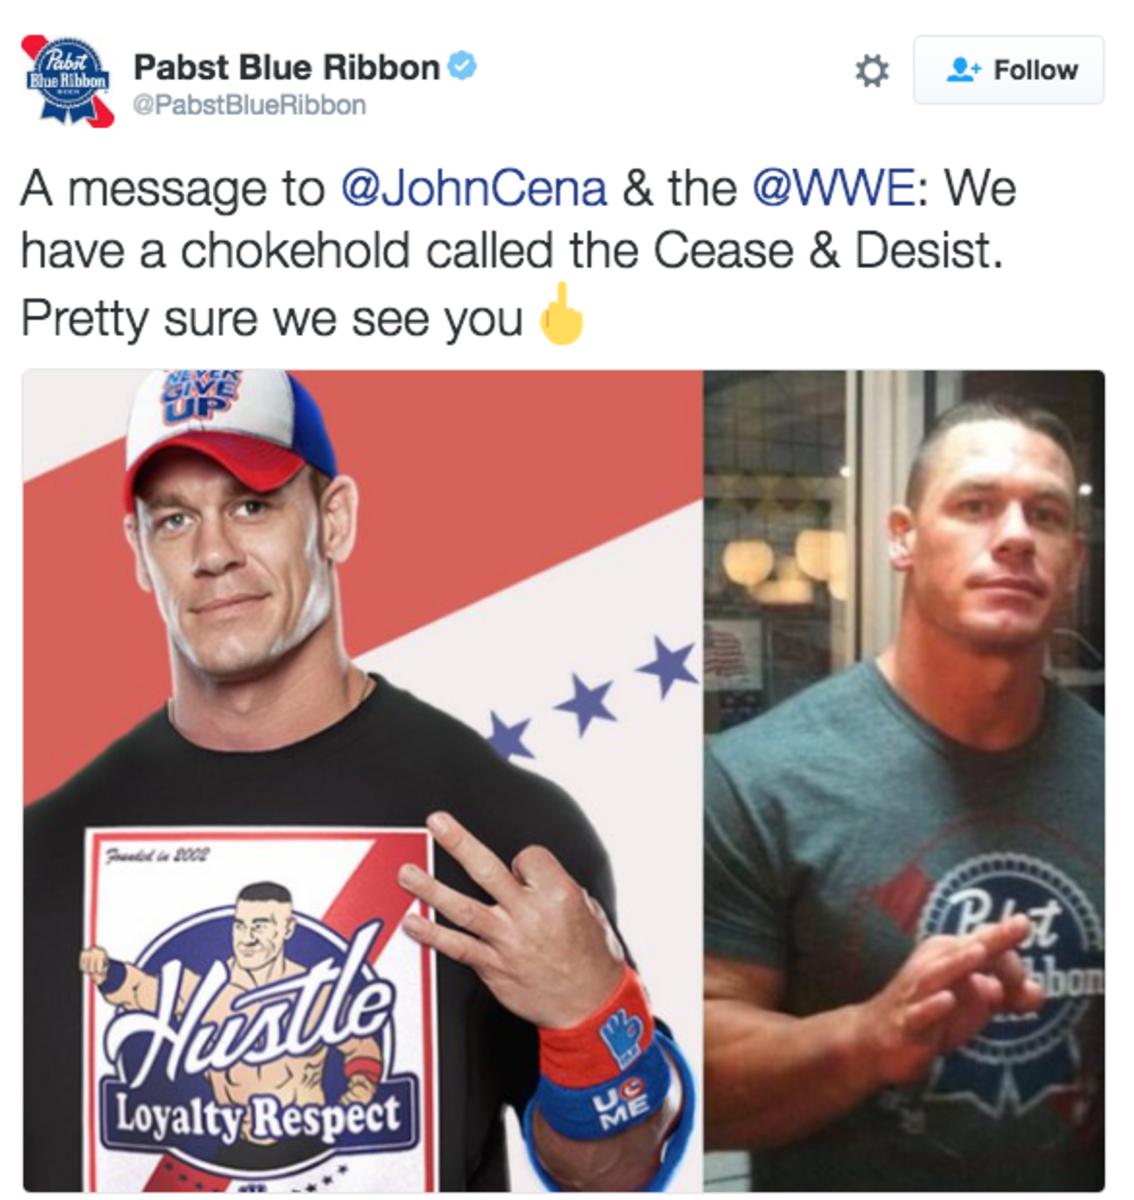 PBR vs. John Cena